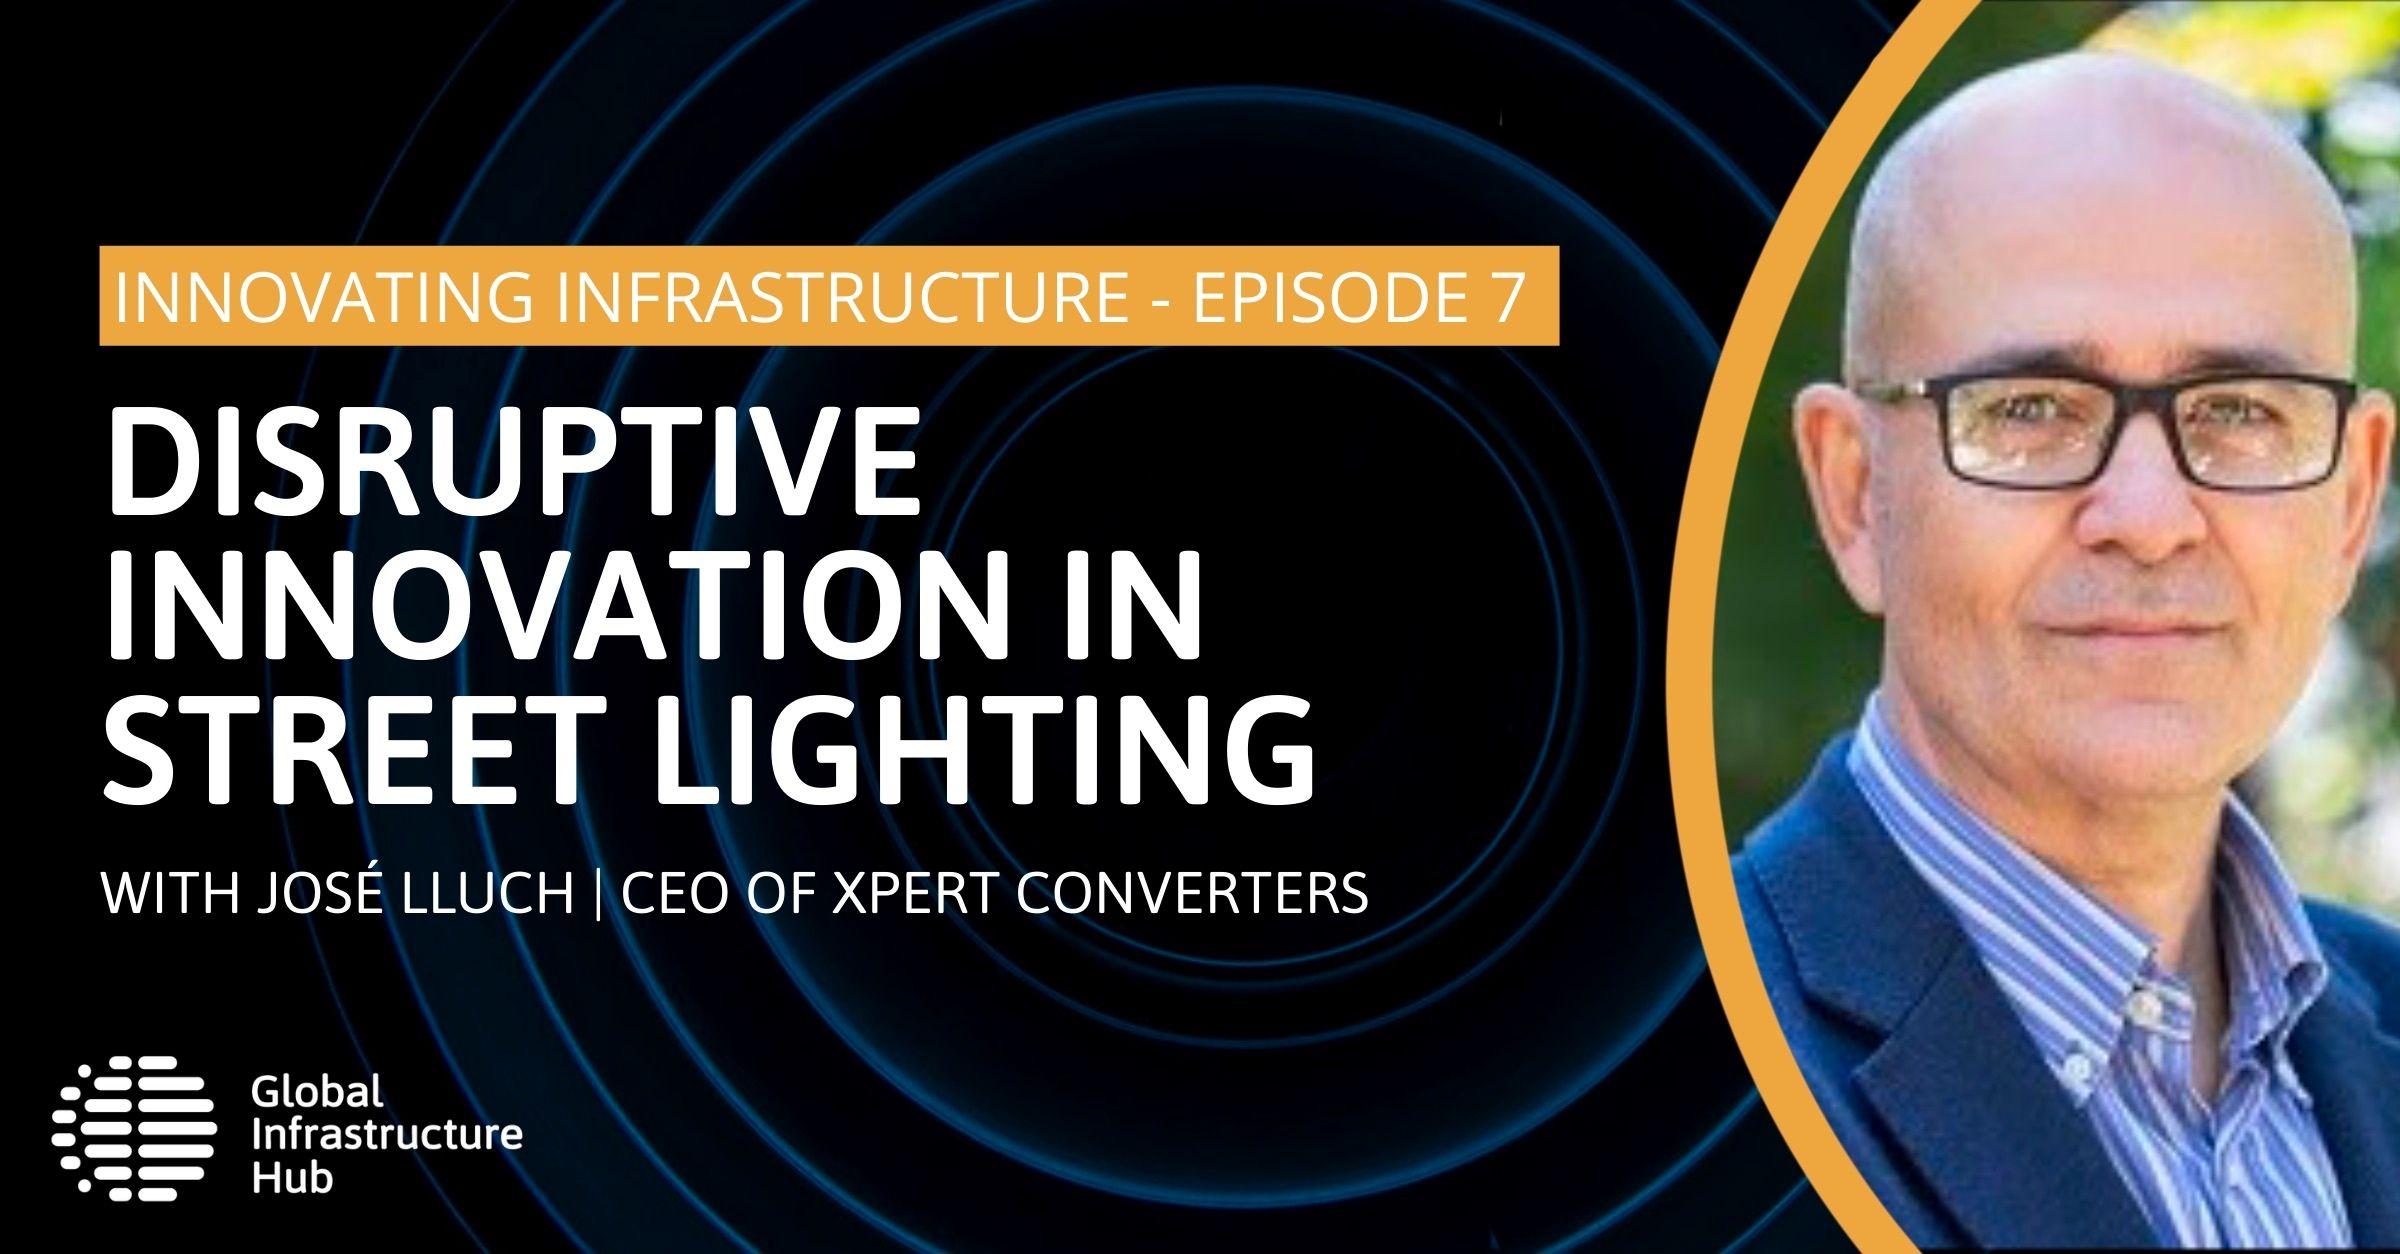 Disruptive innovation in street lighting